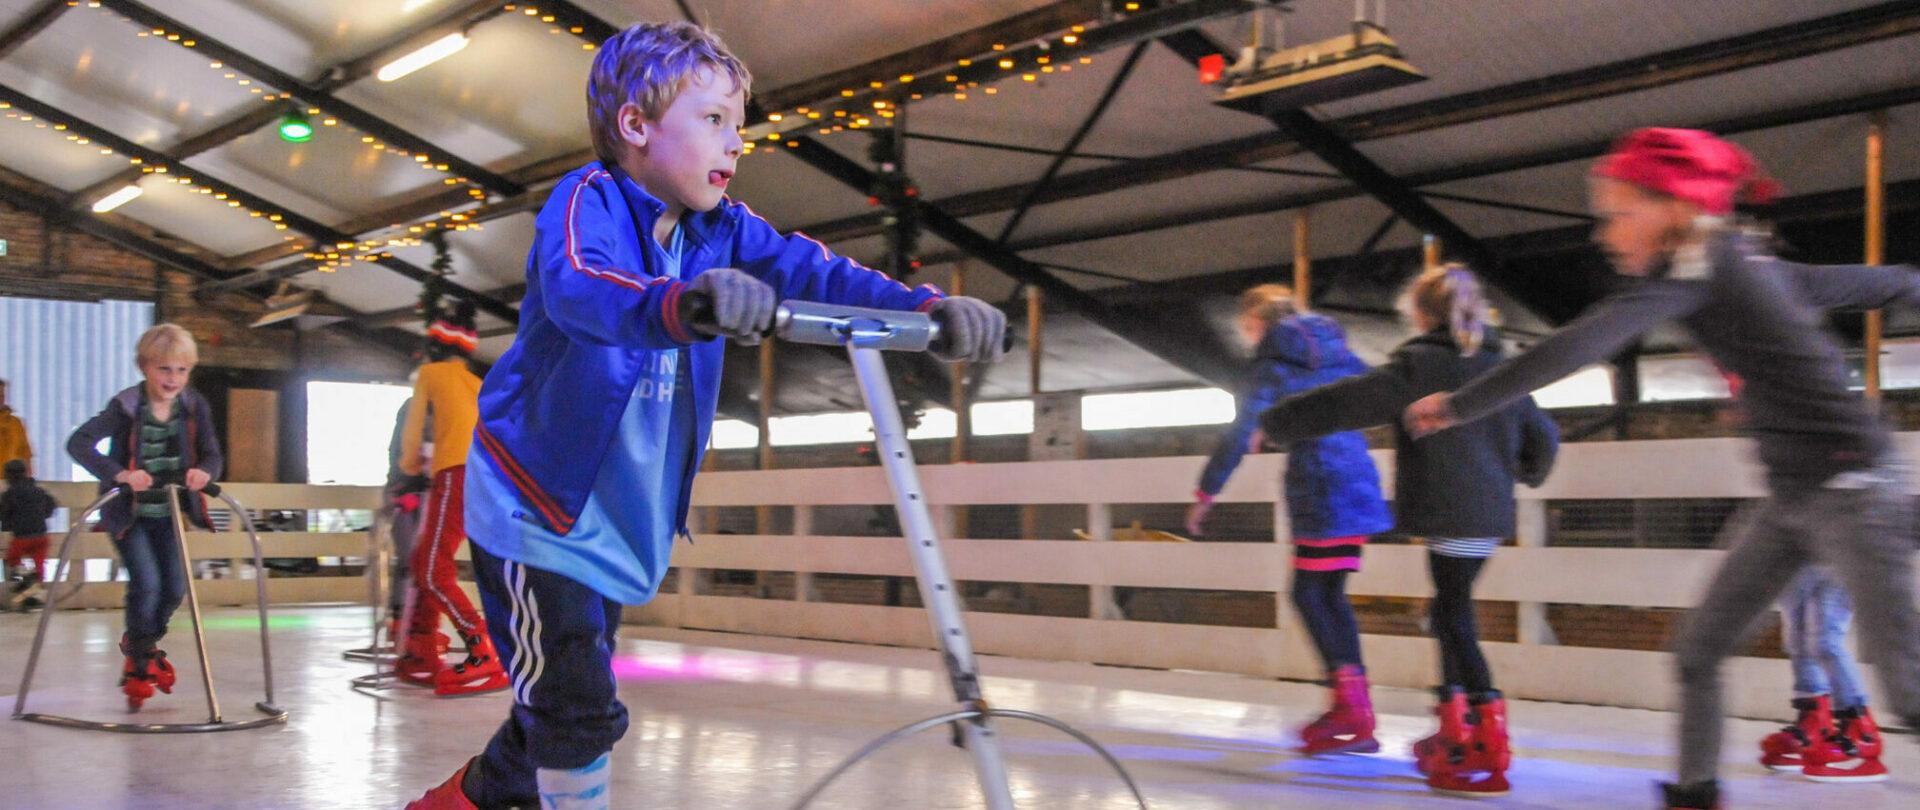 Kom langs de schaatsbaan| Boerderij de Boerinn